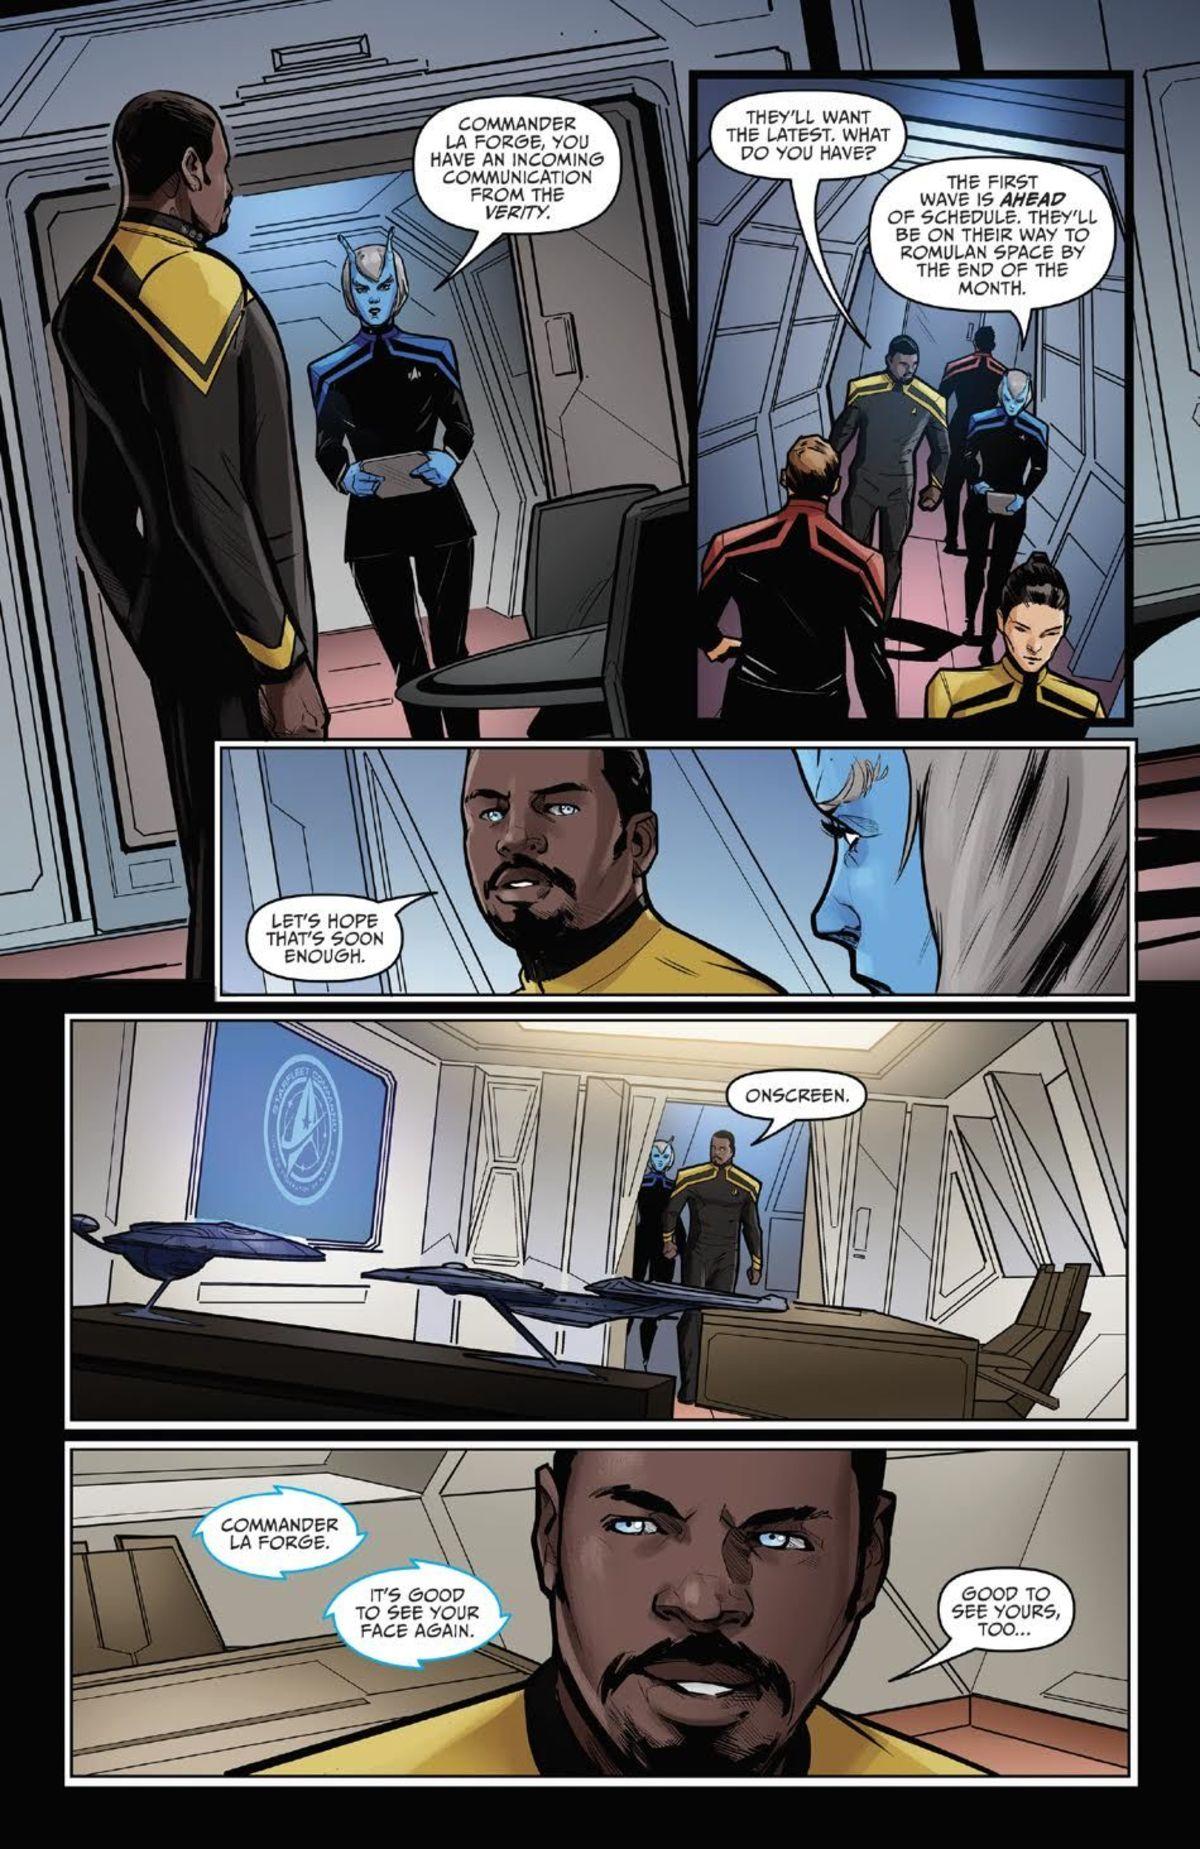 [Série] Star Trek Picard - Page 5 Picard%205_0